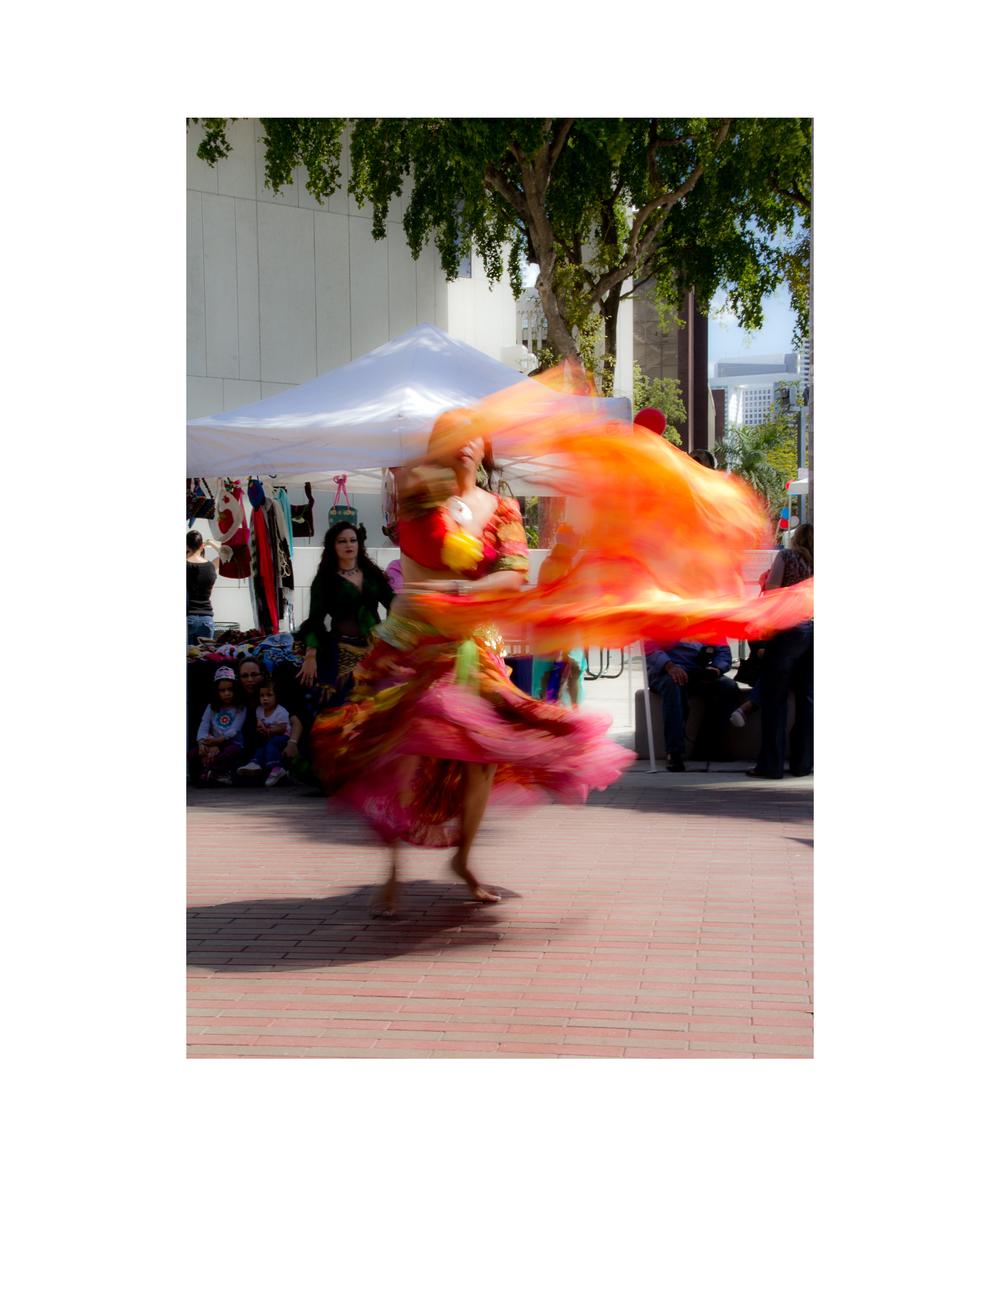 blurred1-5.jpg